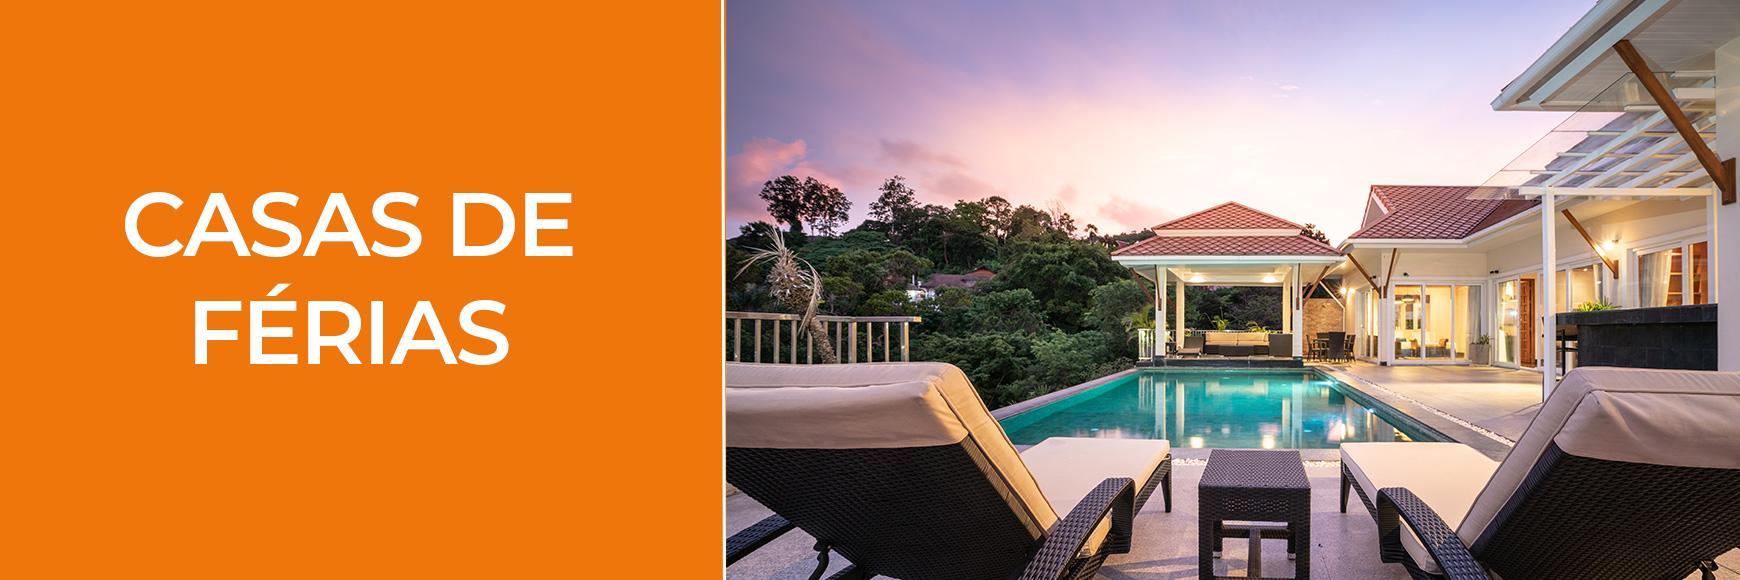 Casas de férias Banner-Orlando Homes Sales